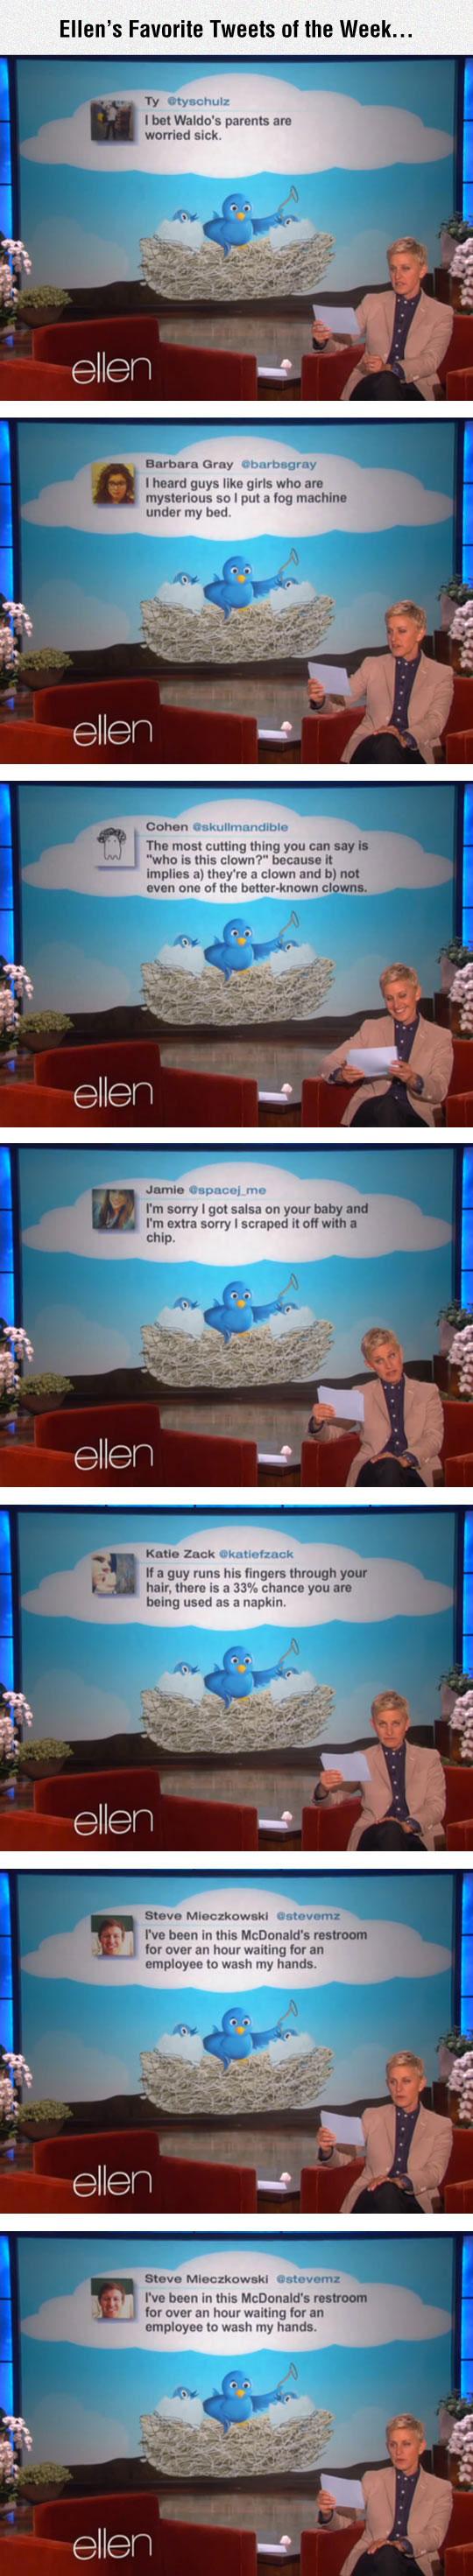 funny-Tweets-Ellen-DeGeneres-read